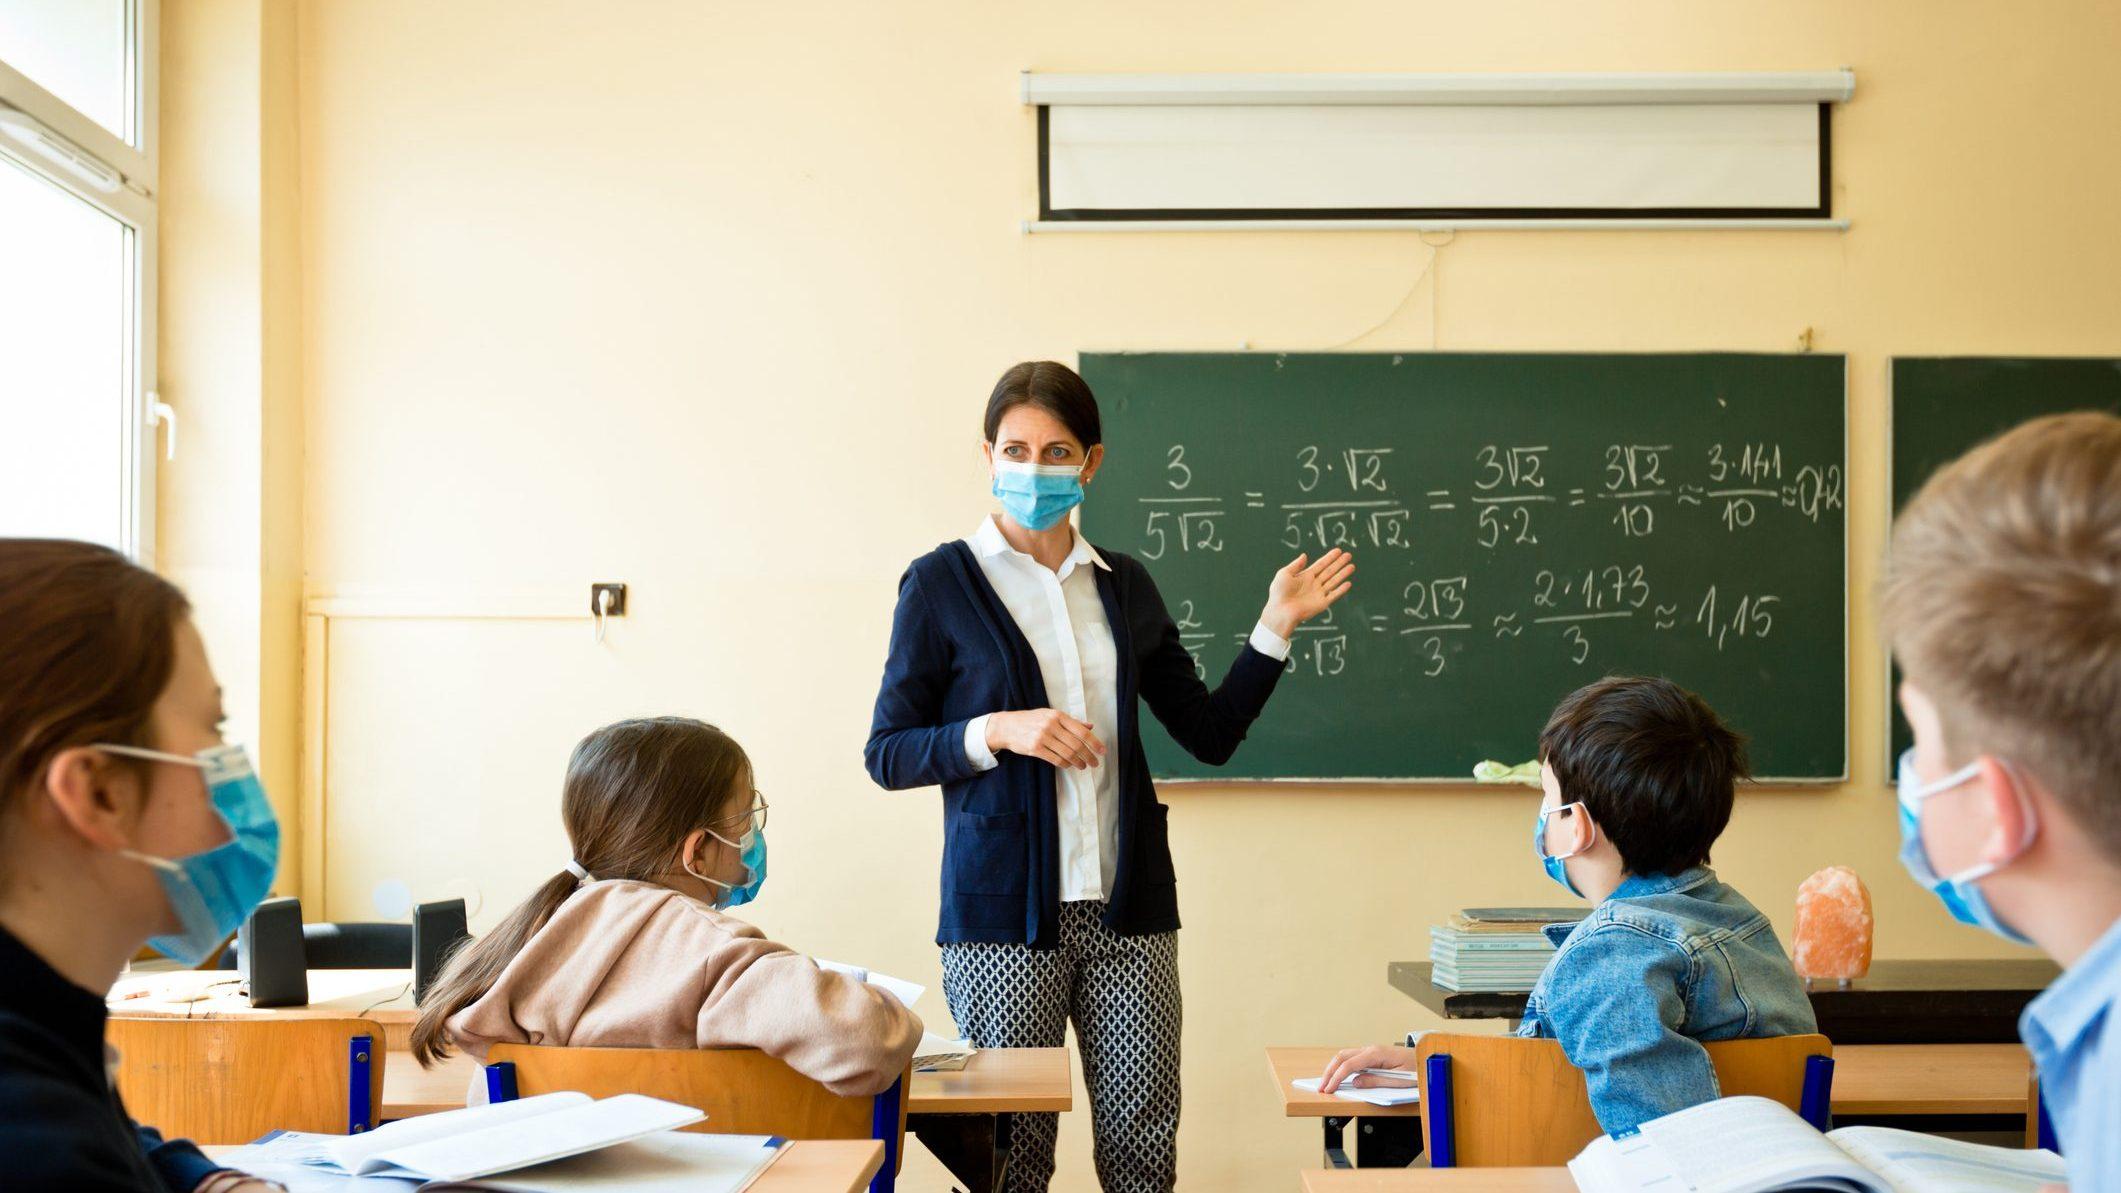 foto di una classe con dei bambini e un'insegnante a scuola che indossano le mascherine contro il coronavirus